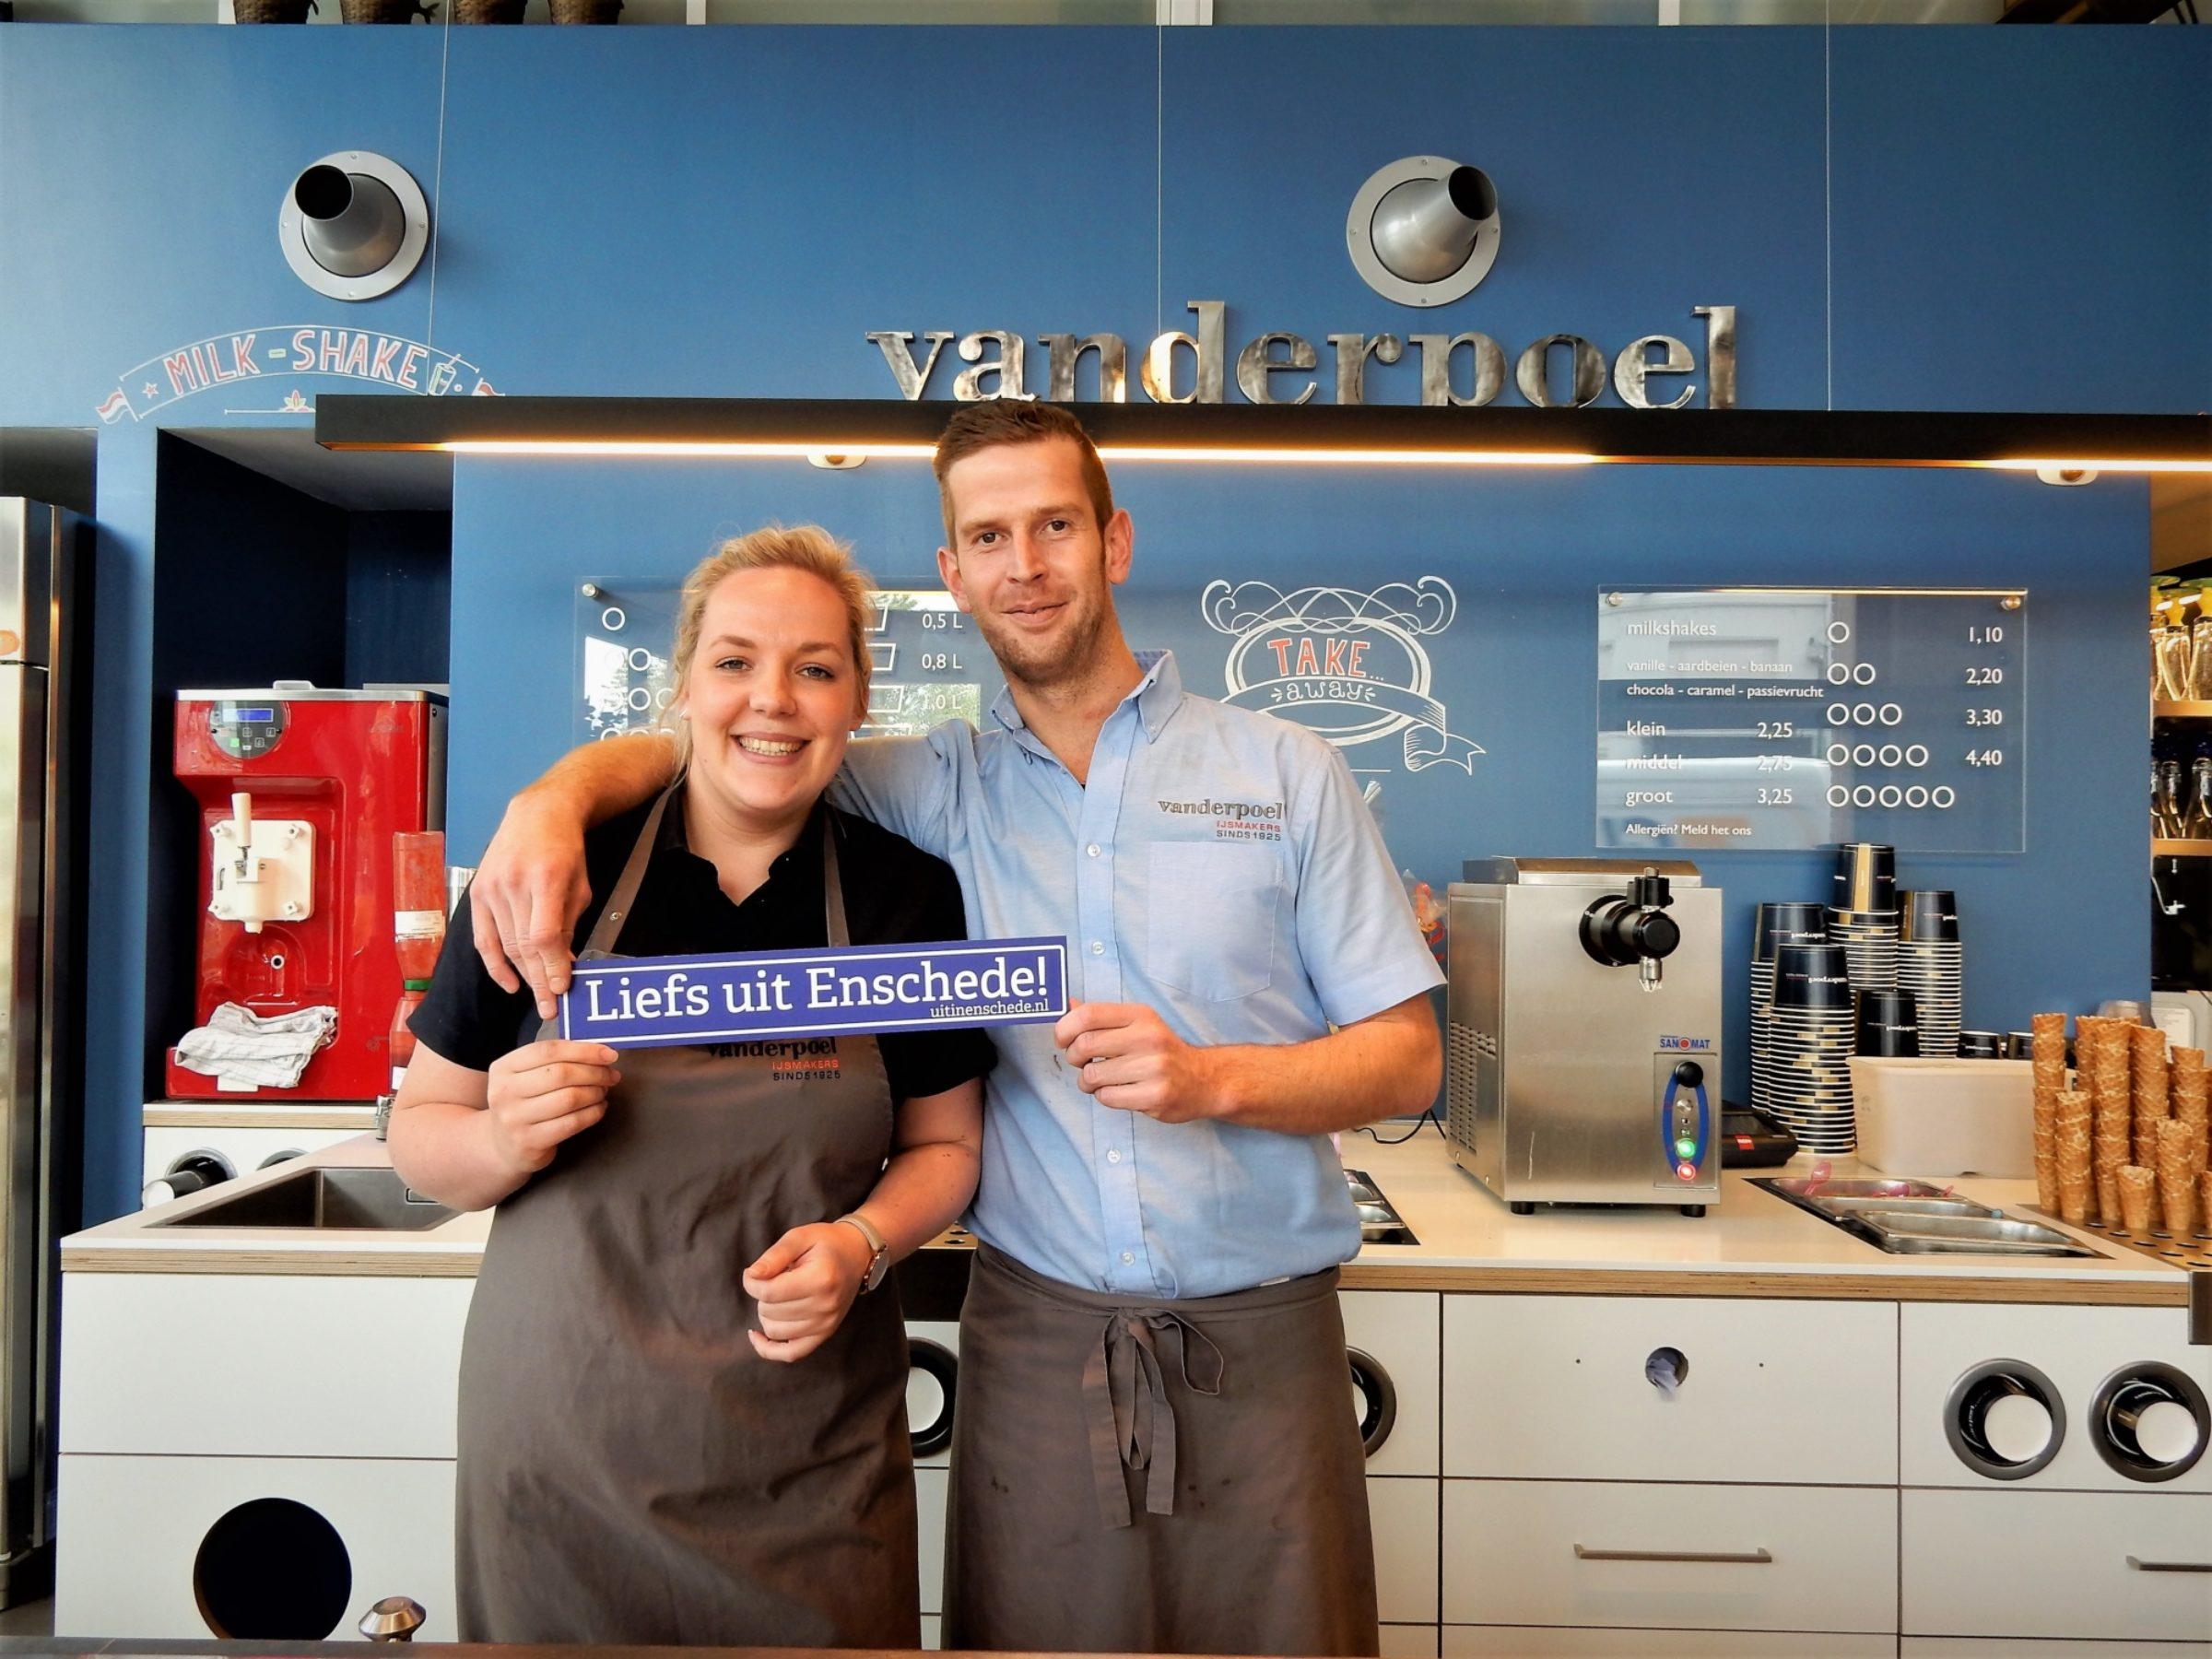 2017 Liefs Uit Enschede Van Der Poel Marketing En Campagnes